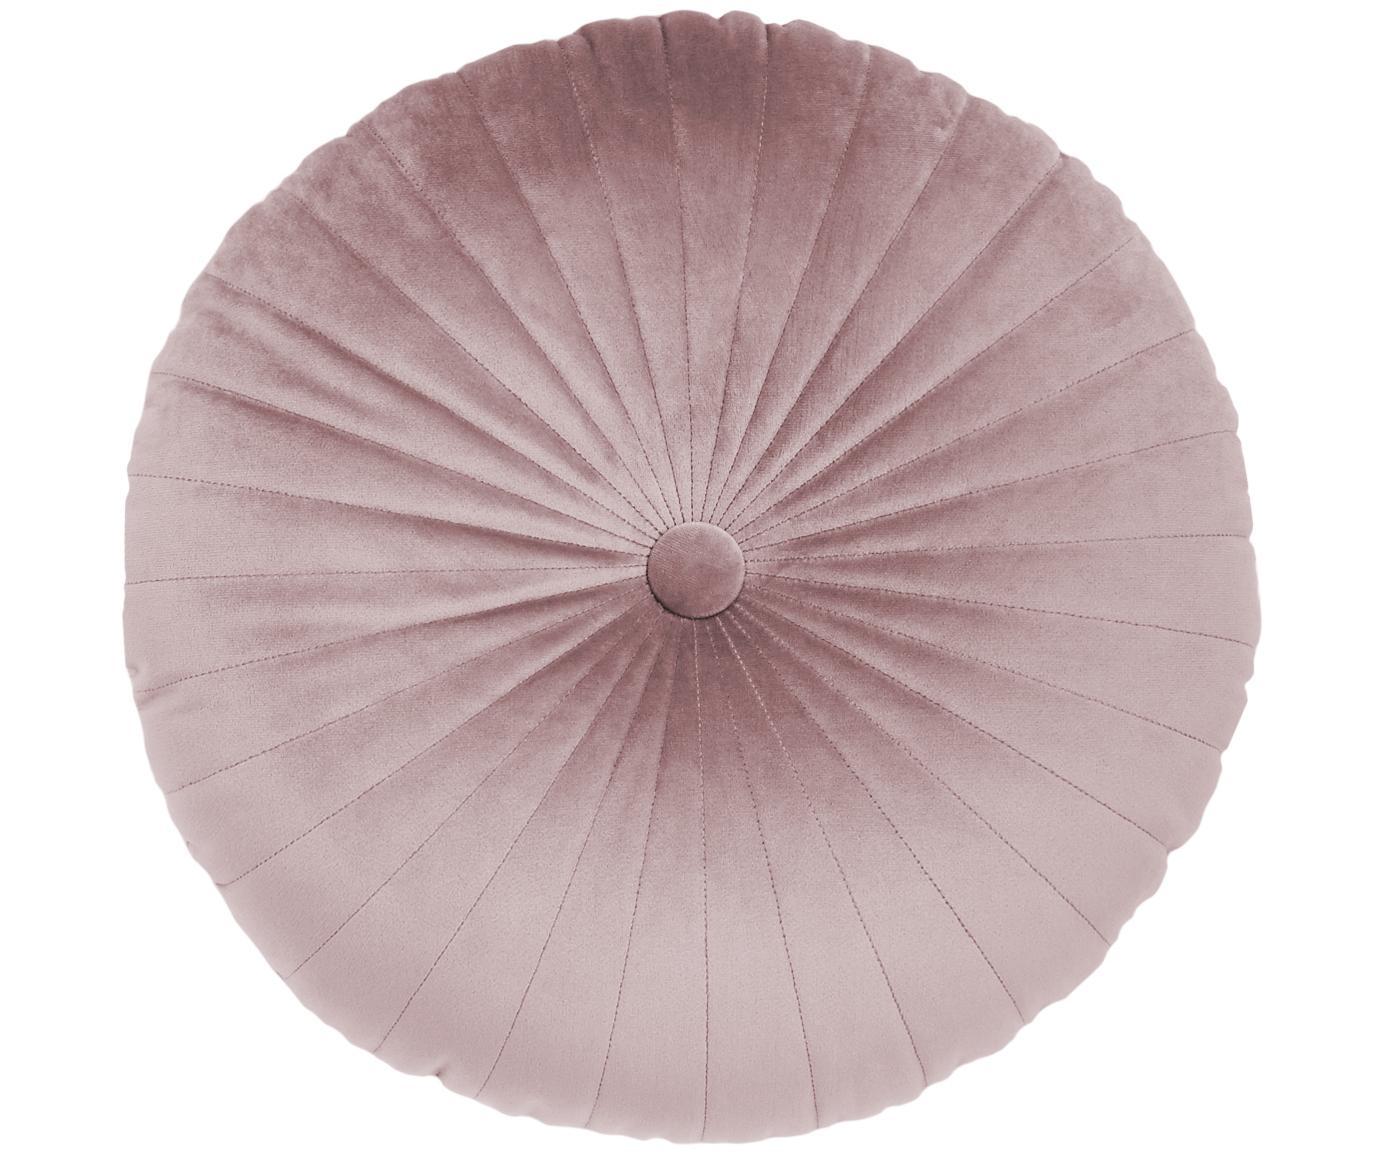 Rundes glänzendes Samt-Kissen Monet, mit Inlett, Bezug: 100% Polyestersamt, Altrosa, Ø 40 cm